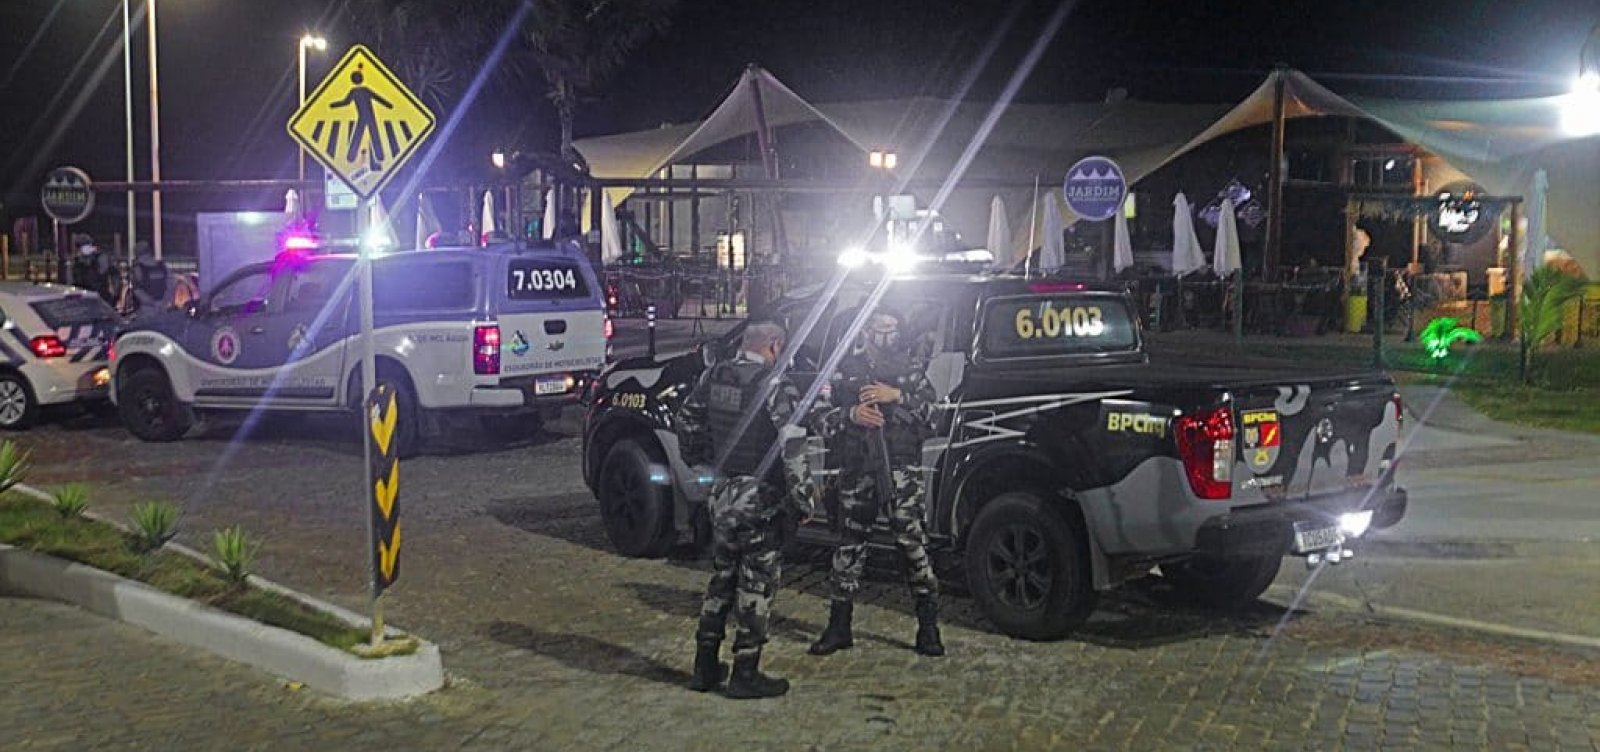 [Polícia detém três pessoas no quarto dia com toque de recolher]